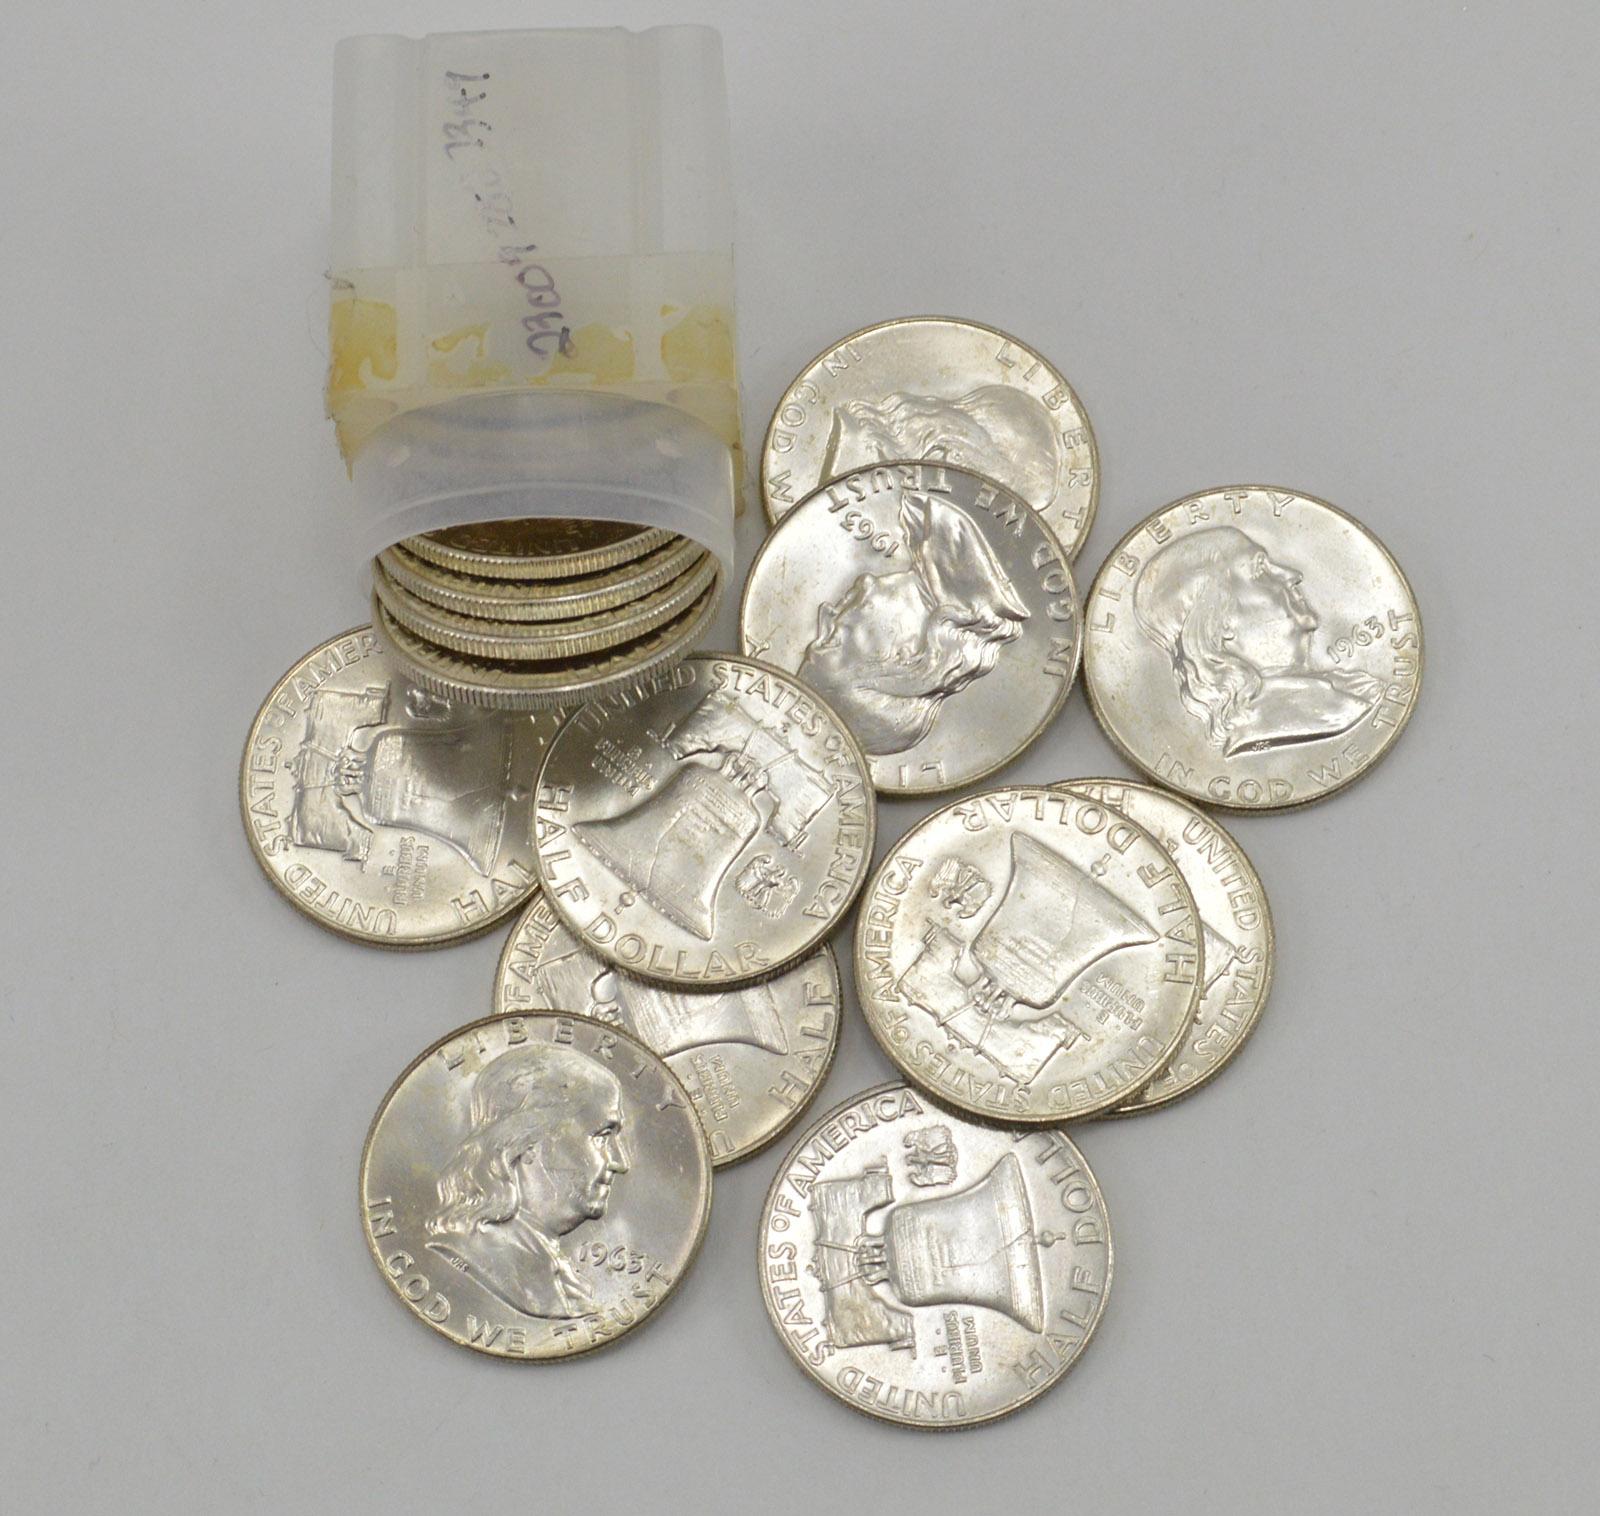 a61c87767cec7 Roll - (20) Choice BU 1963 Franklin Half Dollar Roll - Last Year ...